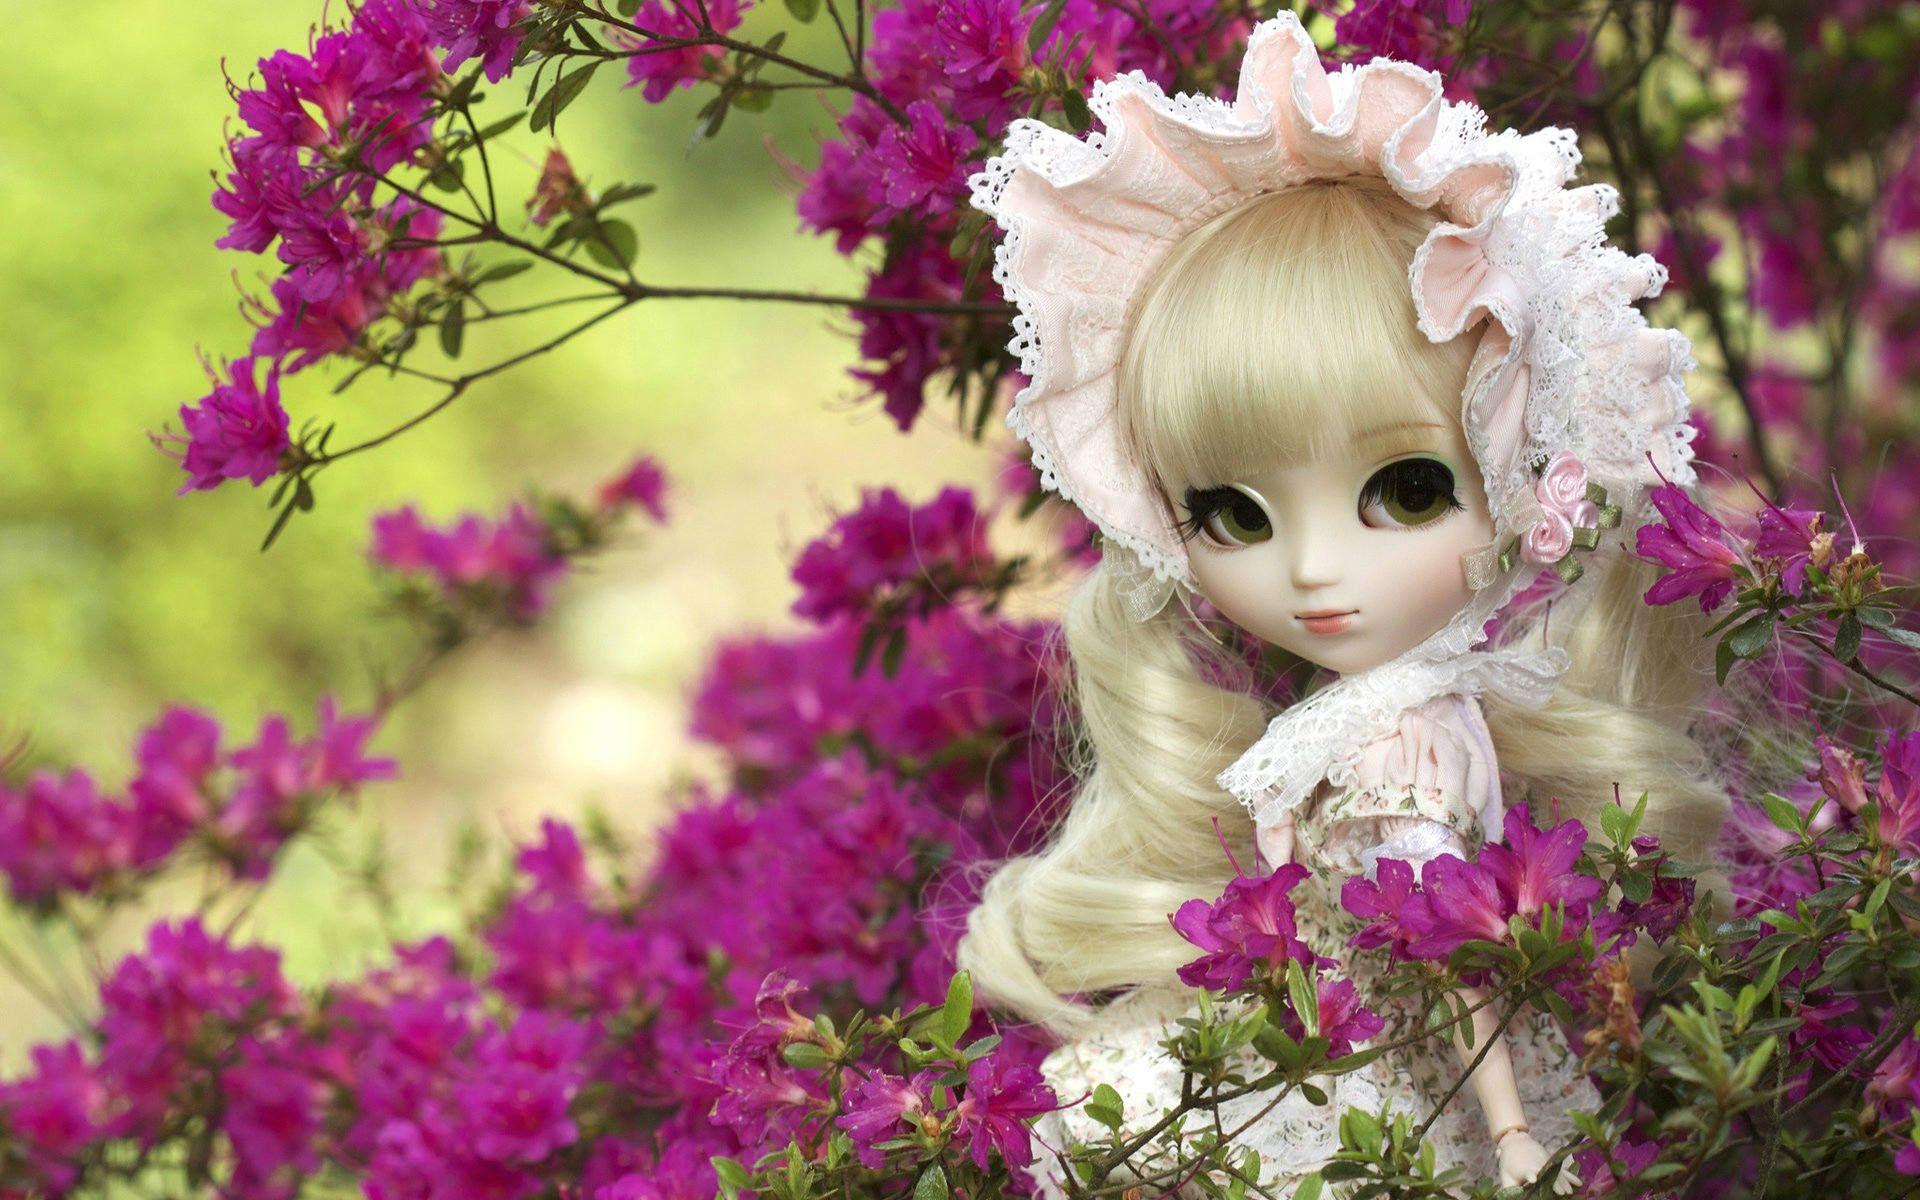 Pink Roses Wallpapers Full Hd Wallpaper Free Download Beautiful Pink Roses Flower Wallpaper Rose Wallpaper